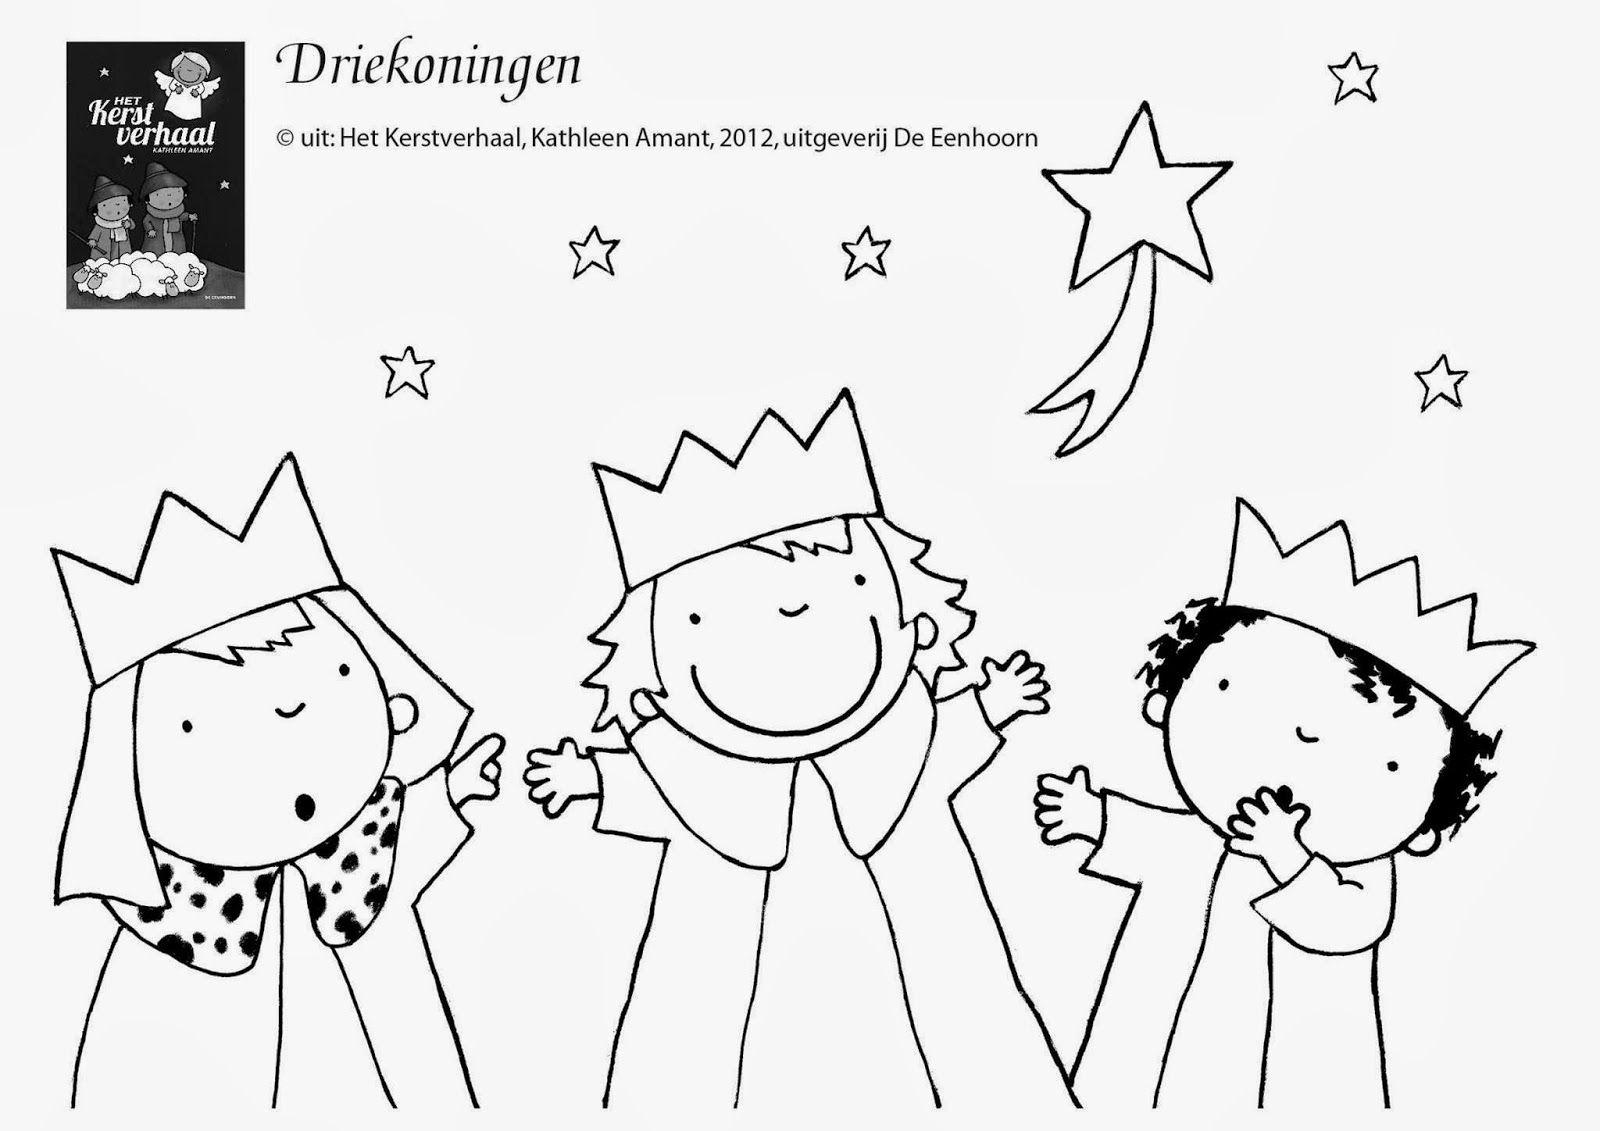 Pin Van Emmeline Gunst Op Drie Koningen Driekoningen Kerstkleurplaten Vuurwerk